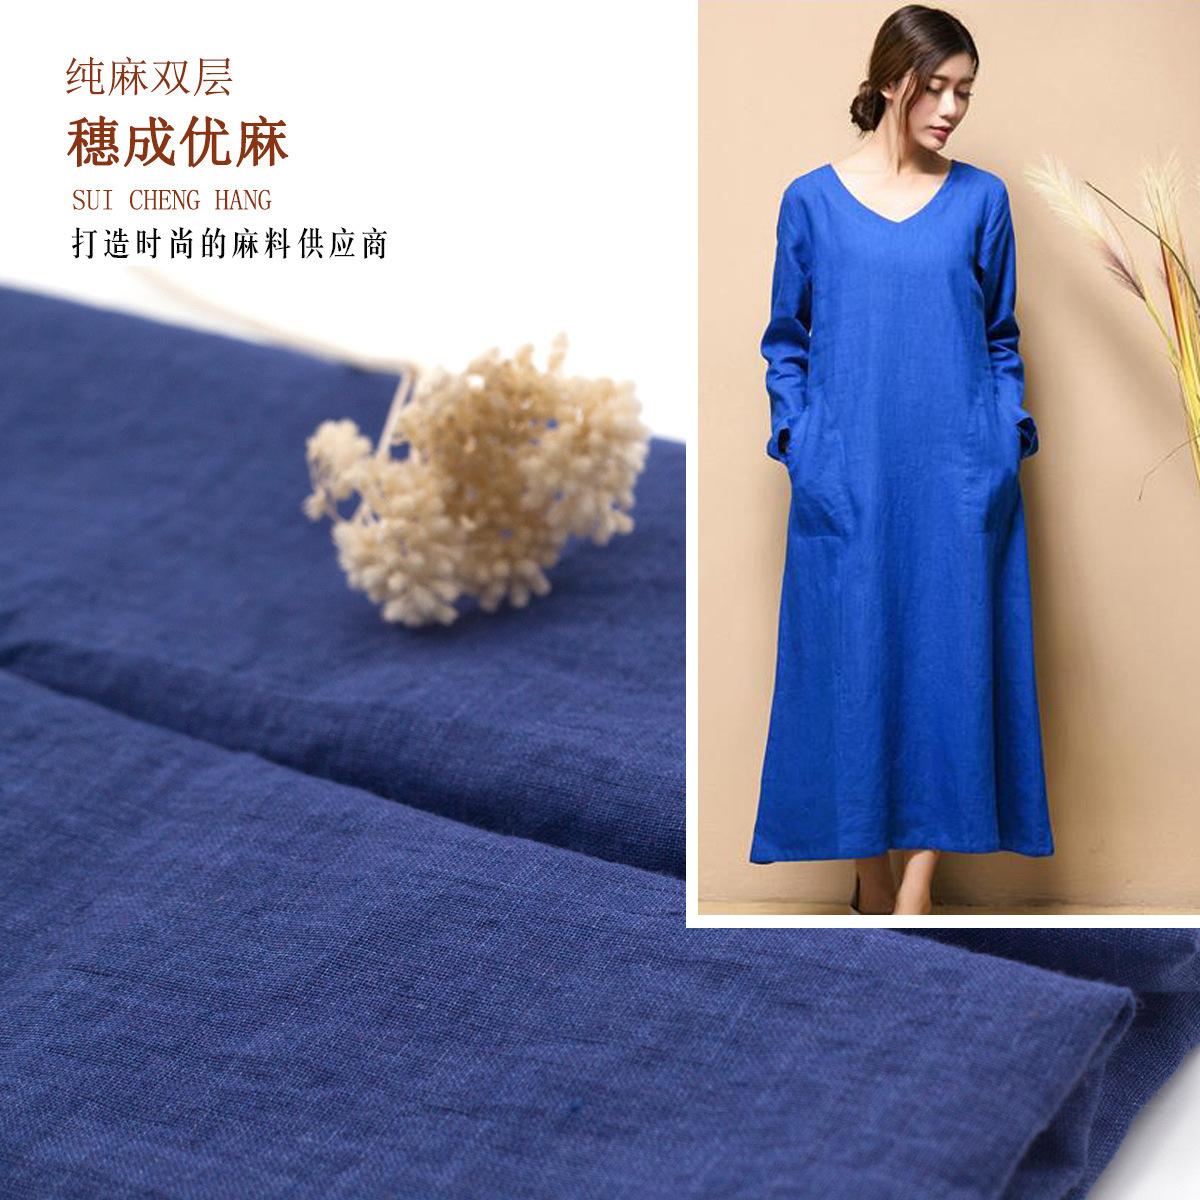 穗成行-GL1003 纯亚麻色织面料 双色雨露麻透气轻薄衬衫裙子麻布